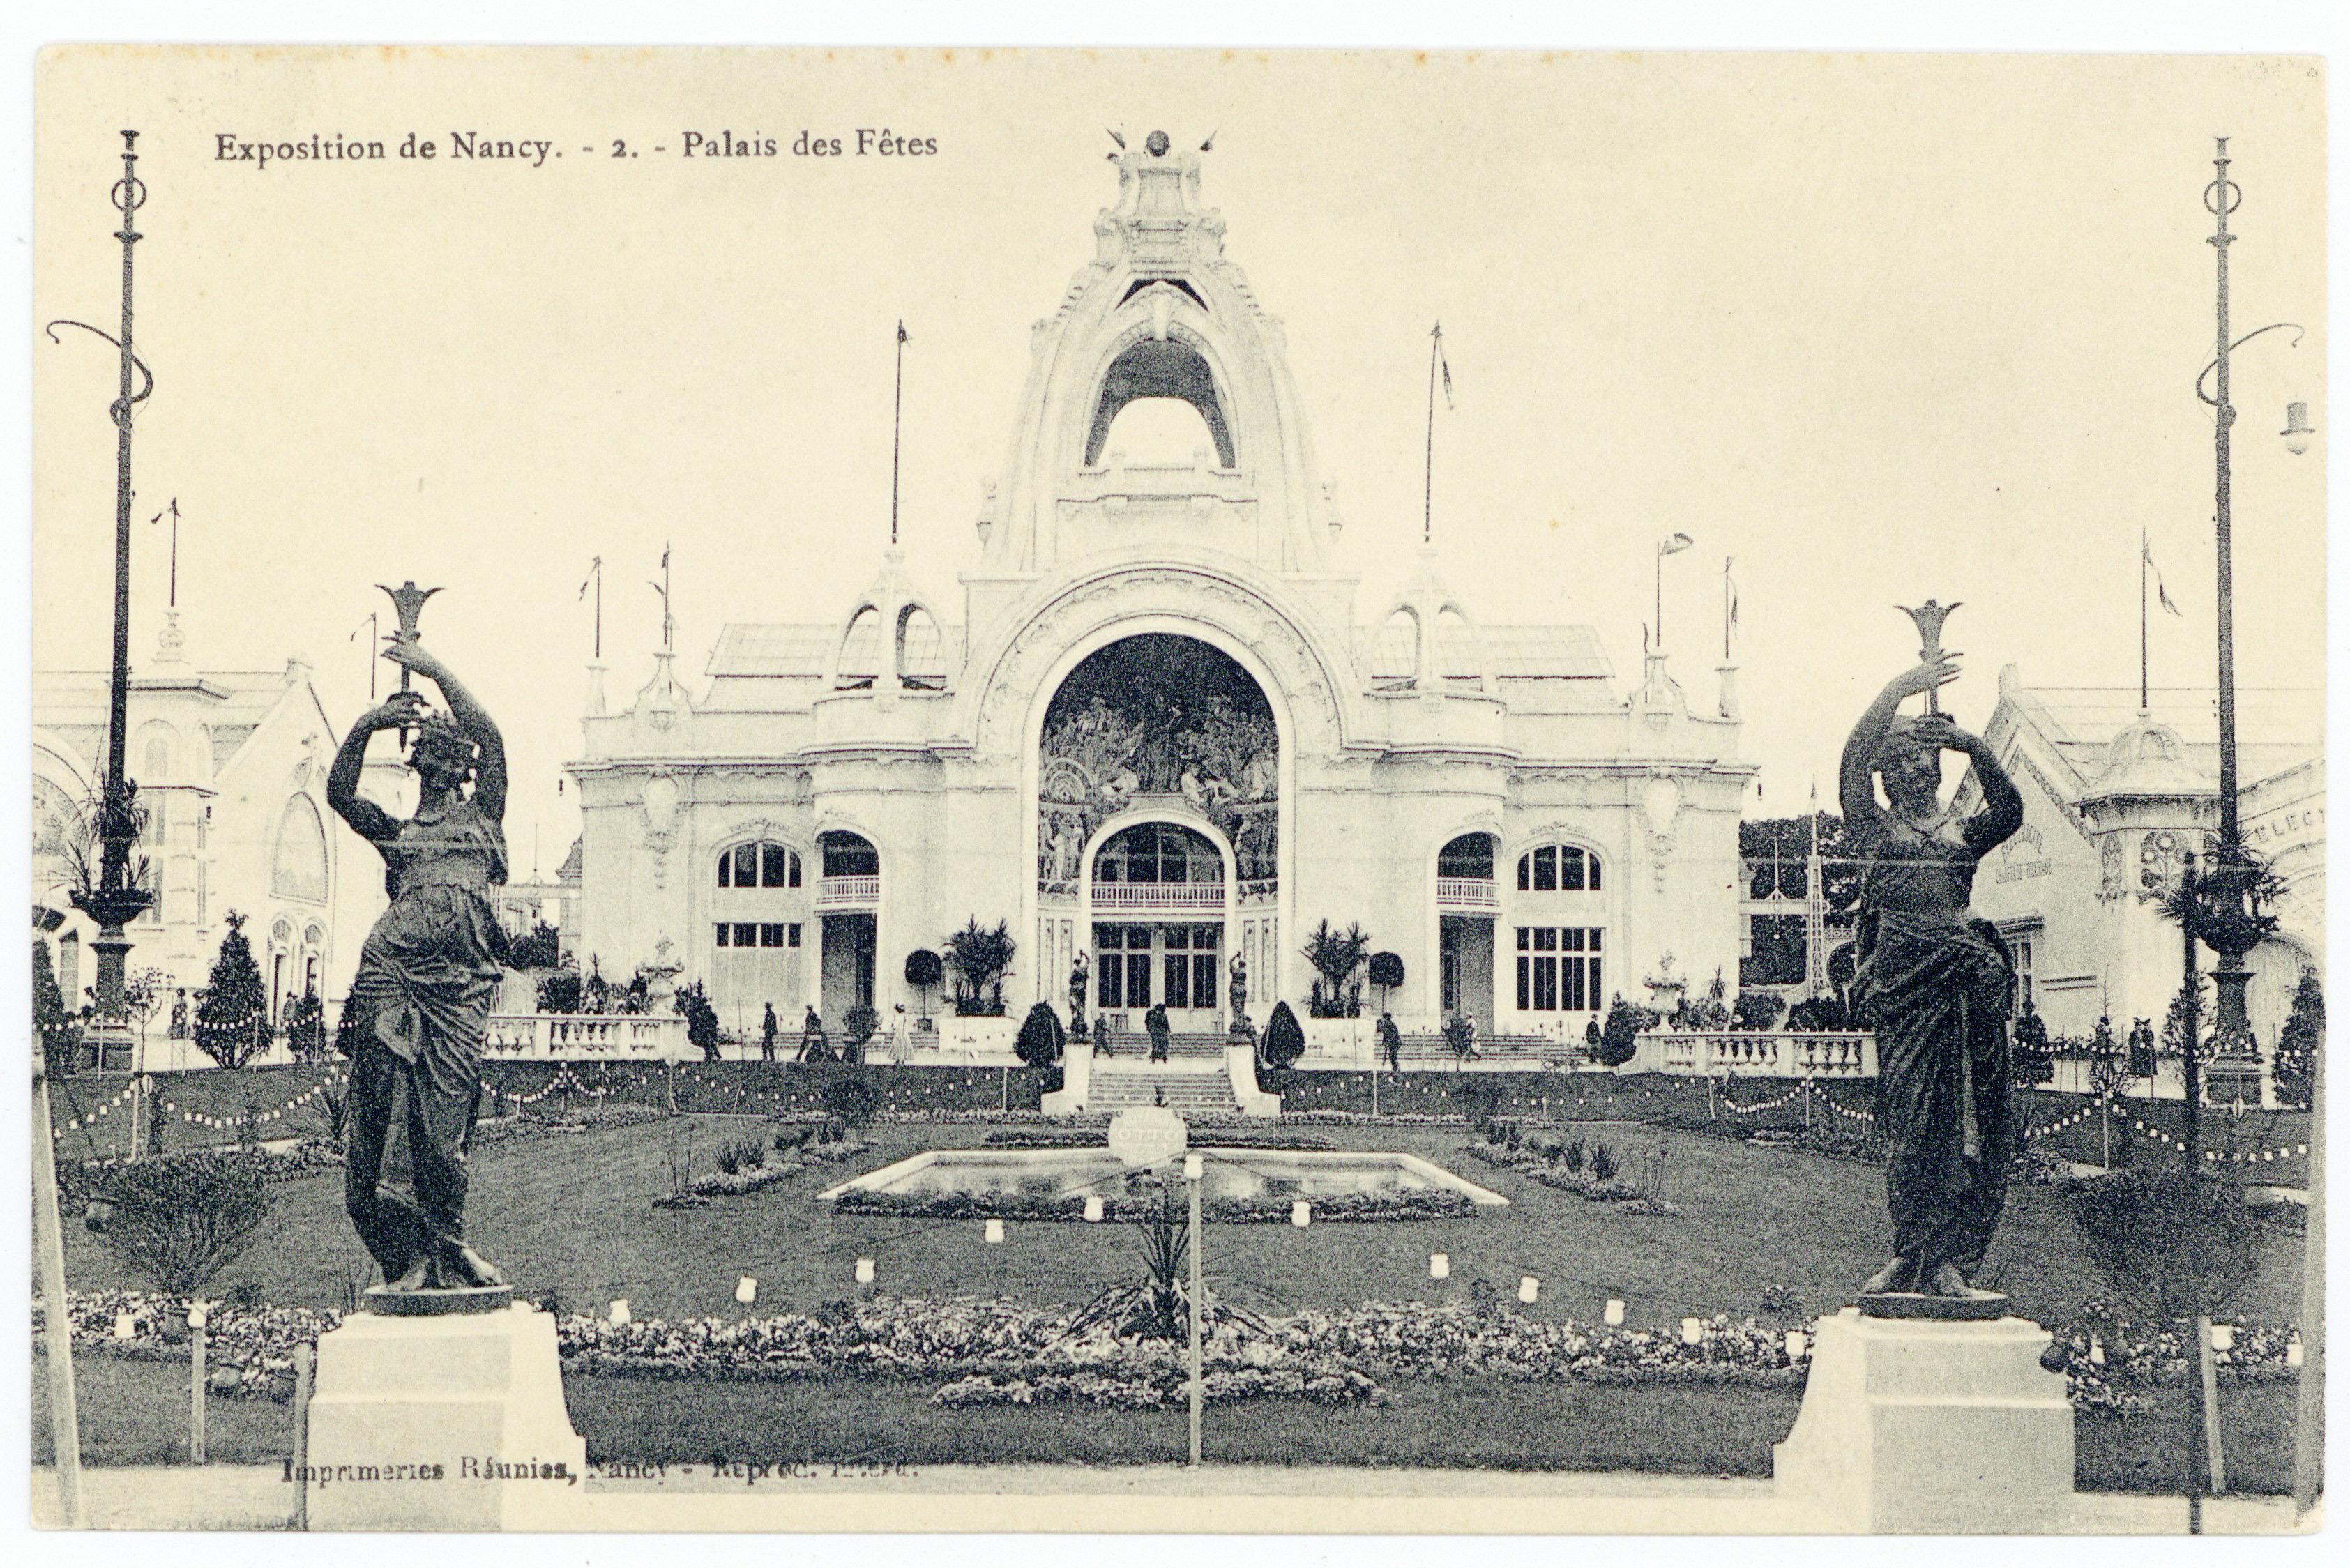 Contenu du Palais des fêtes : exposition de Nancy